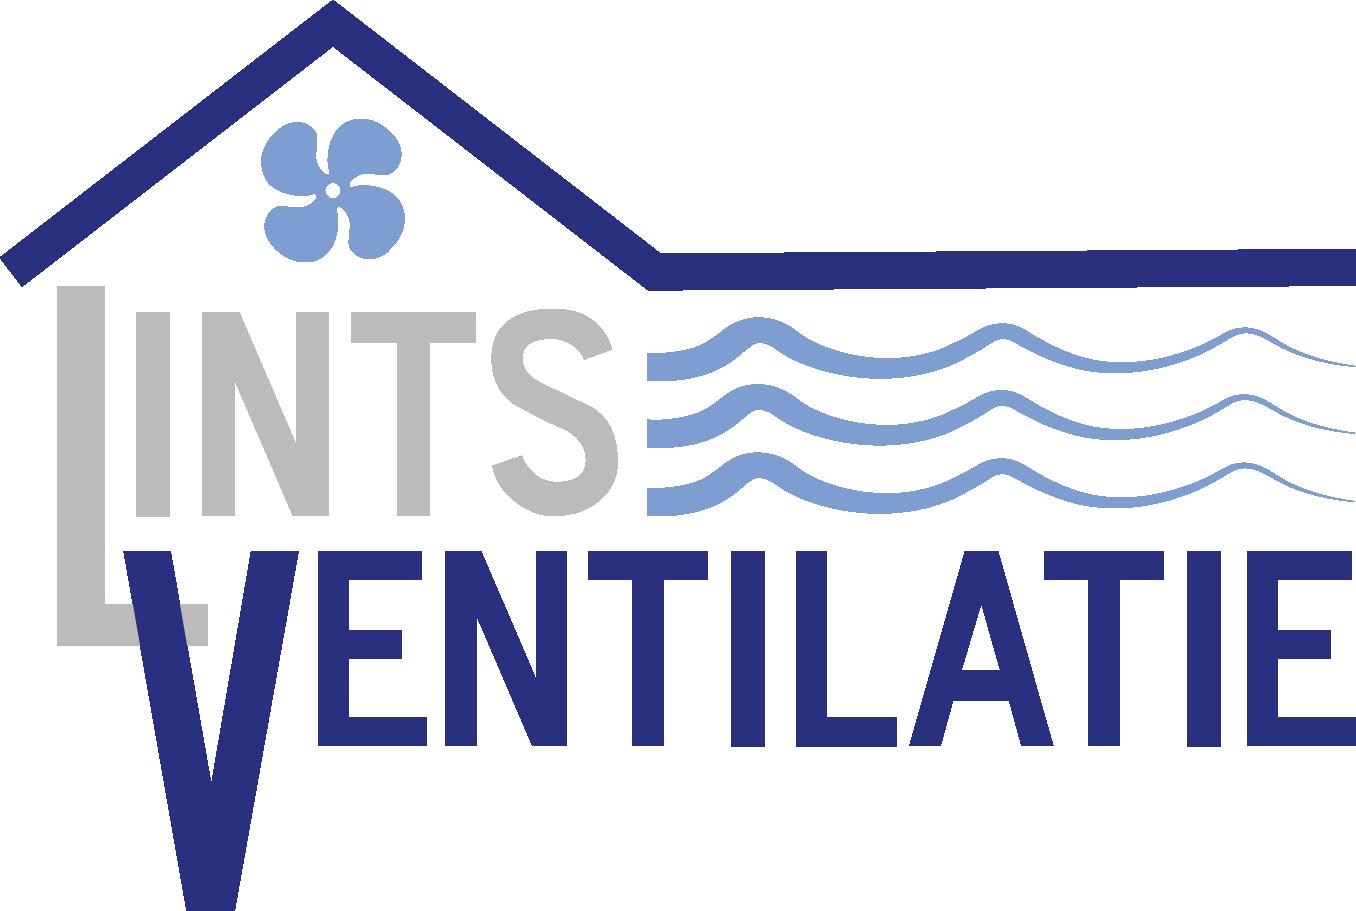 Lints ventilatie - Logo